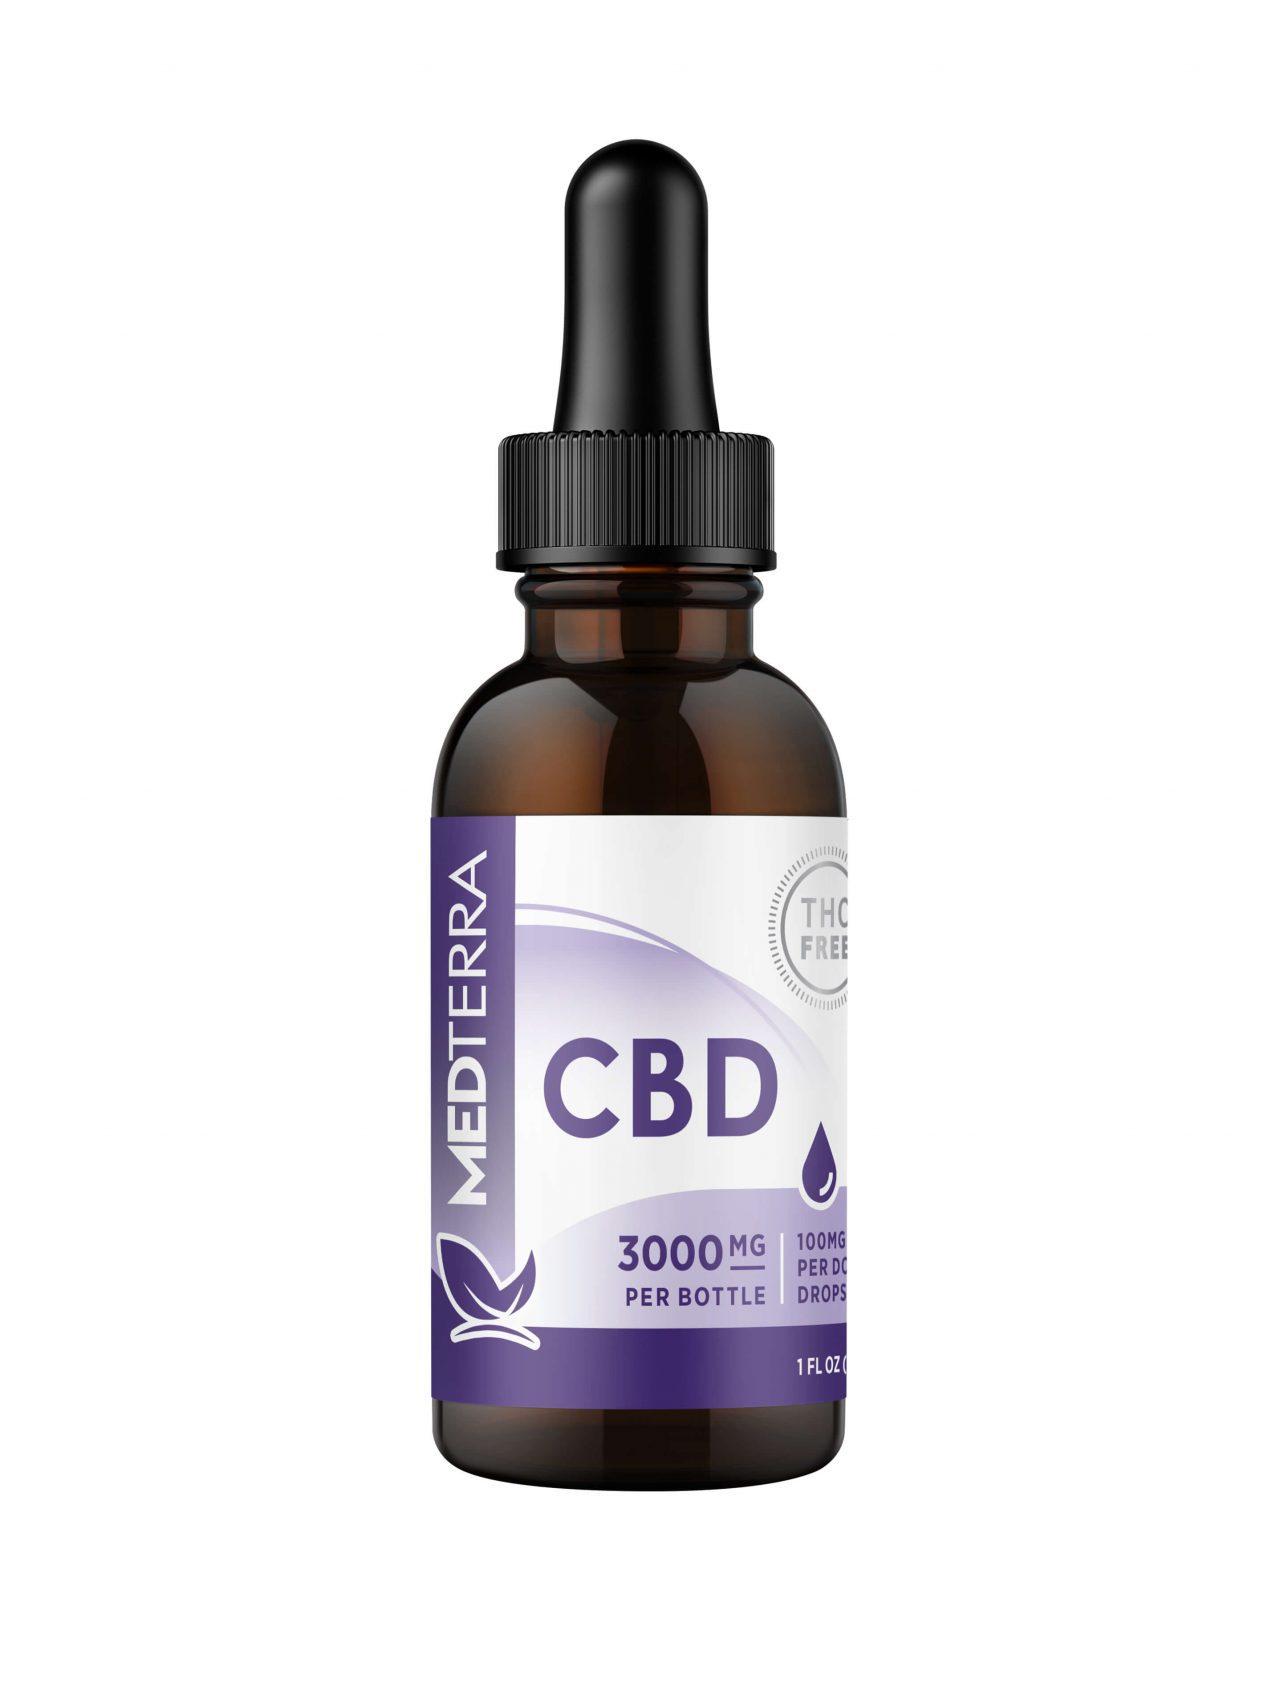 Medterra, CBD Oil, Isolate THC-Free, 1oz, 3000mg CBD 1